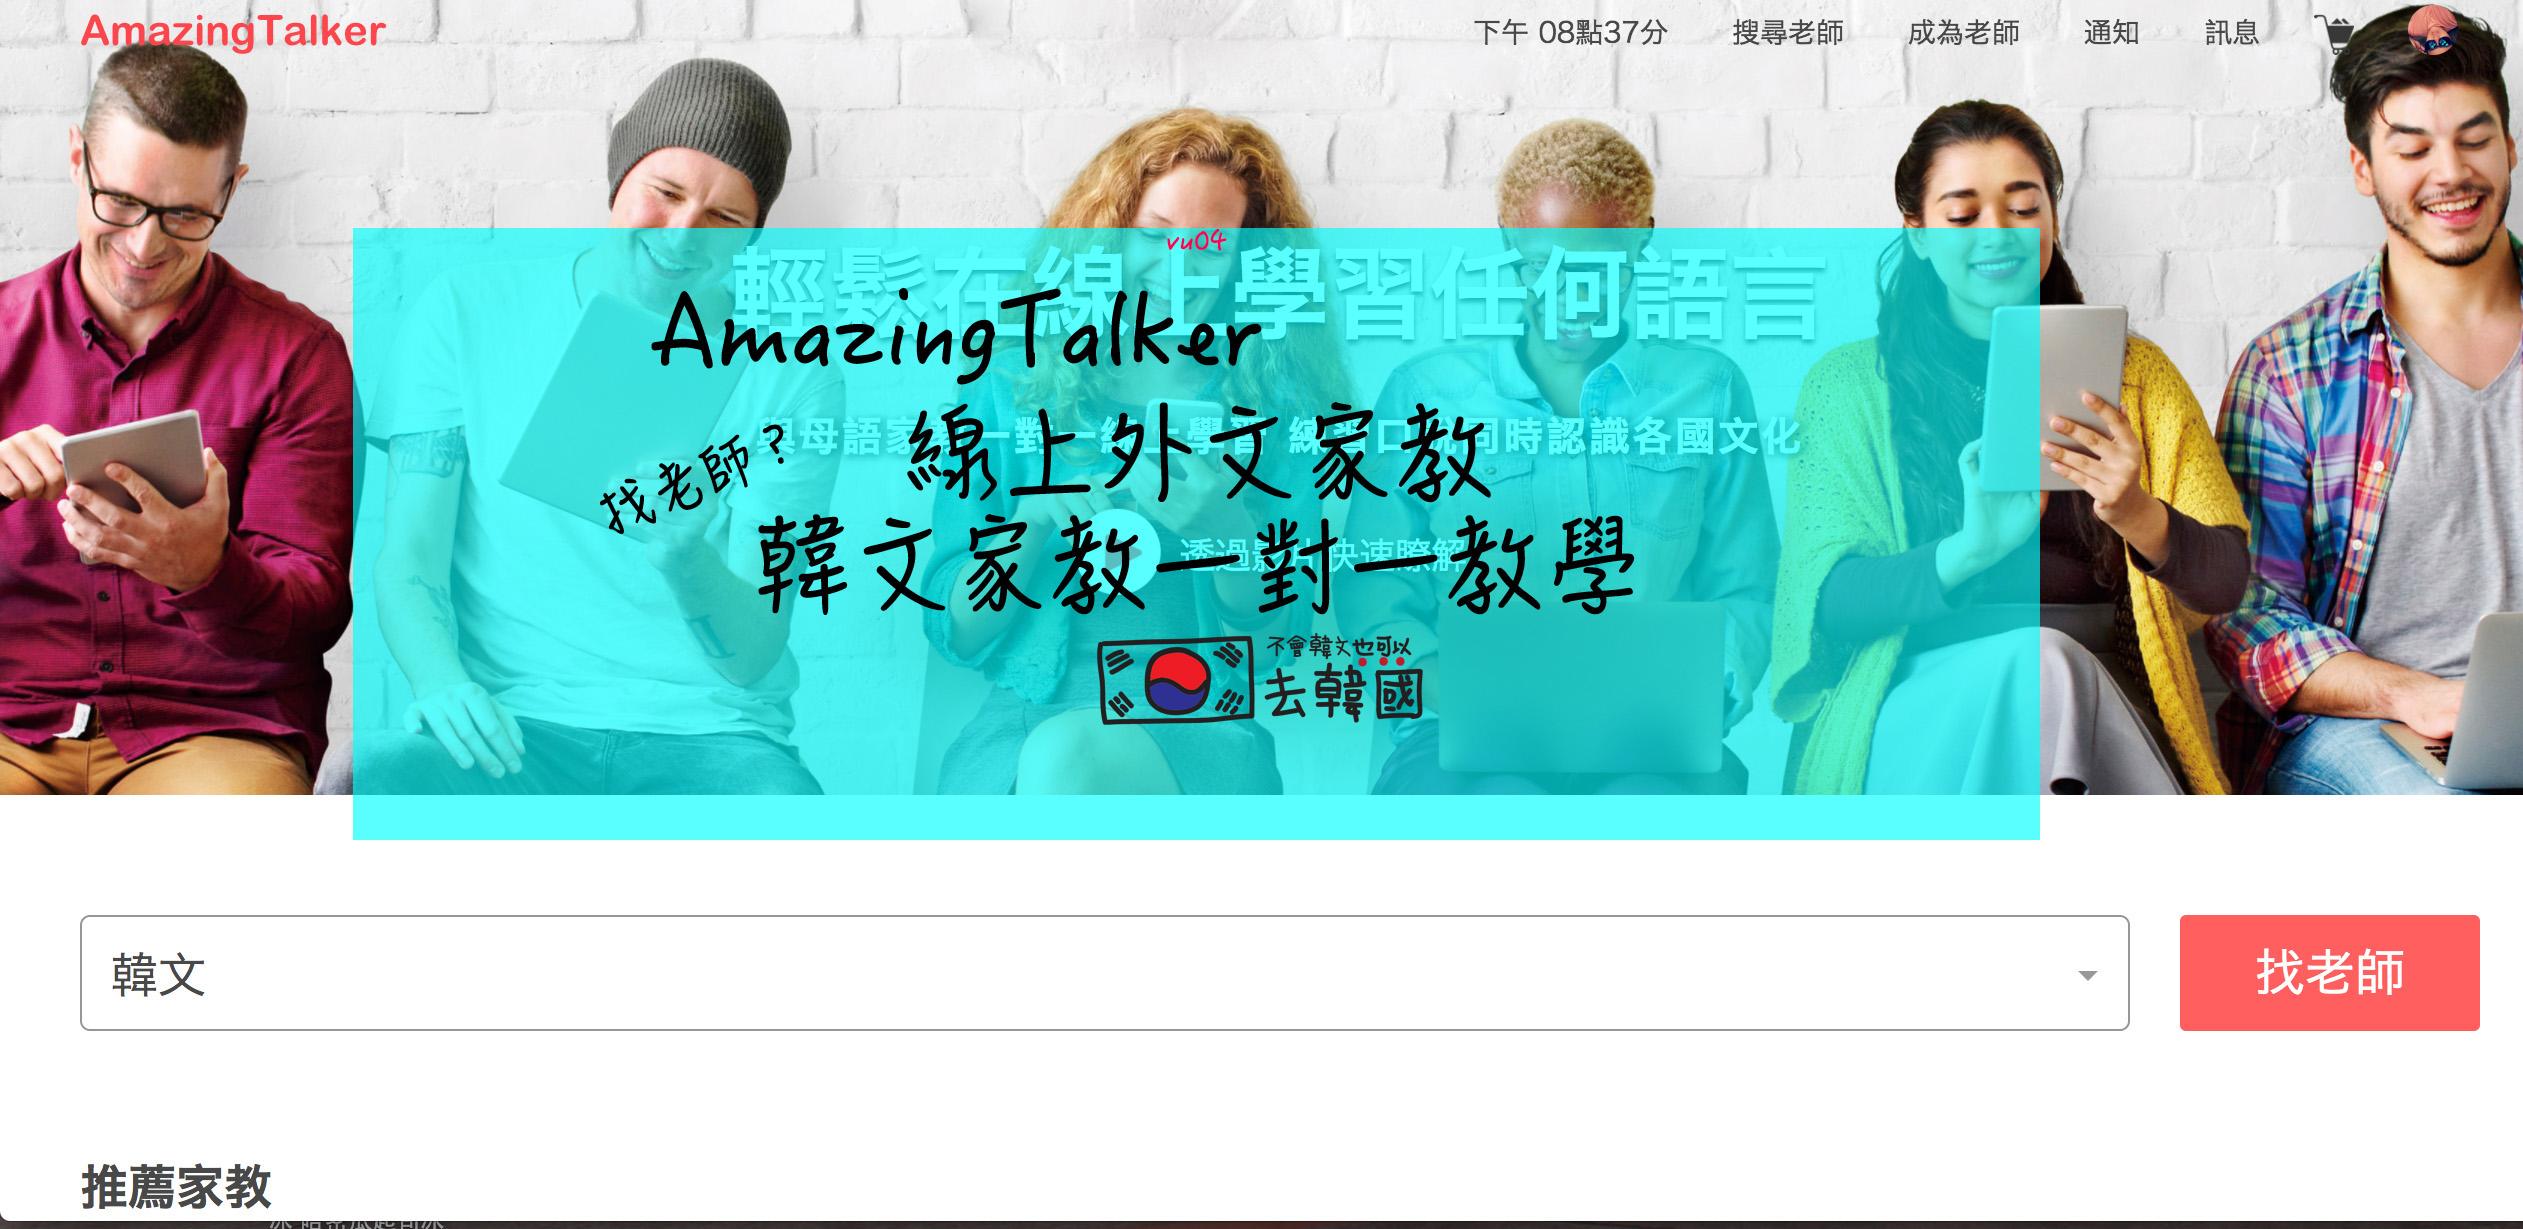 韓文一對一家教推薦》不管你在哪裡都可以學習 線上外語家教 學外語上【AmazingTalker】找韓文老師好方便!